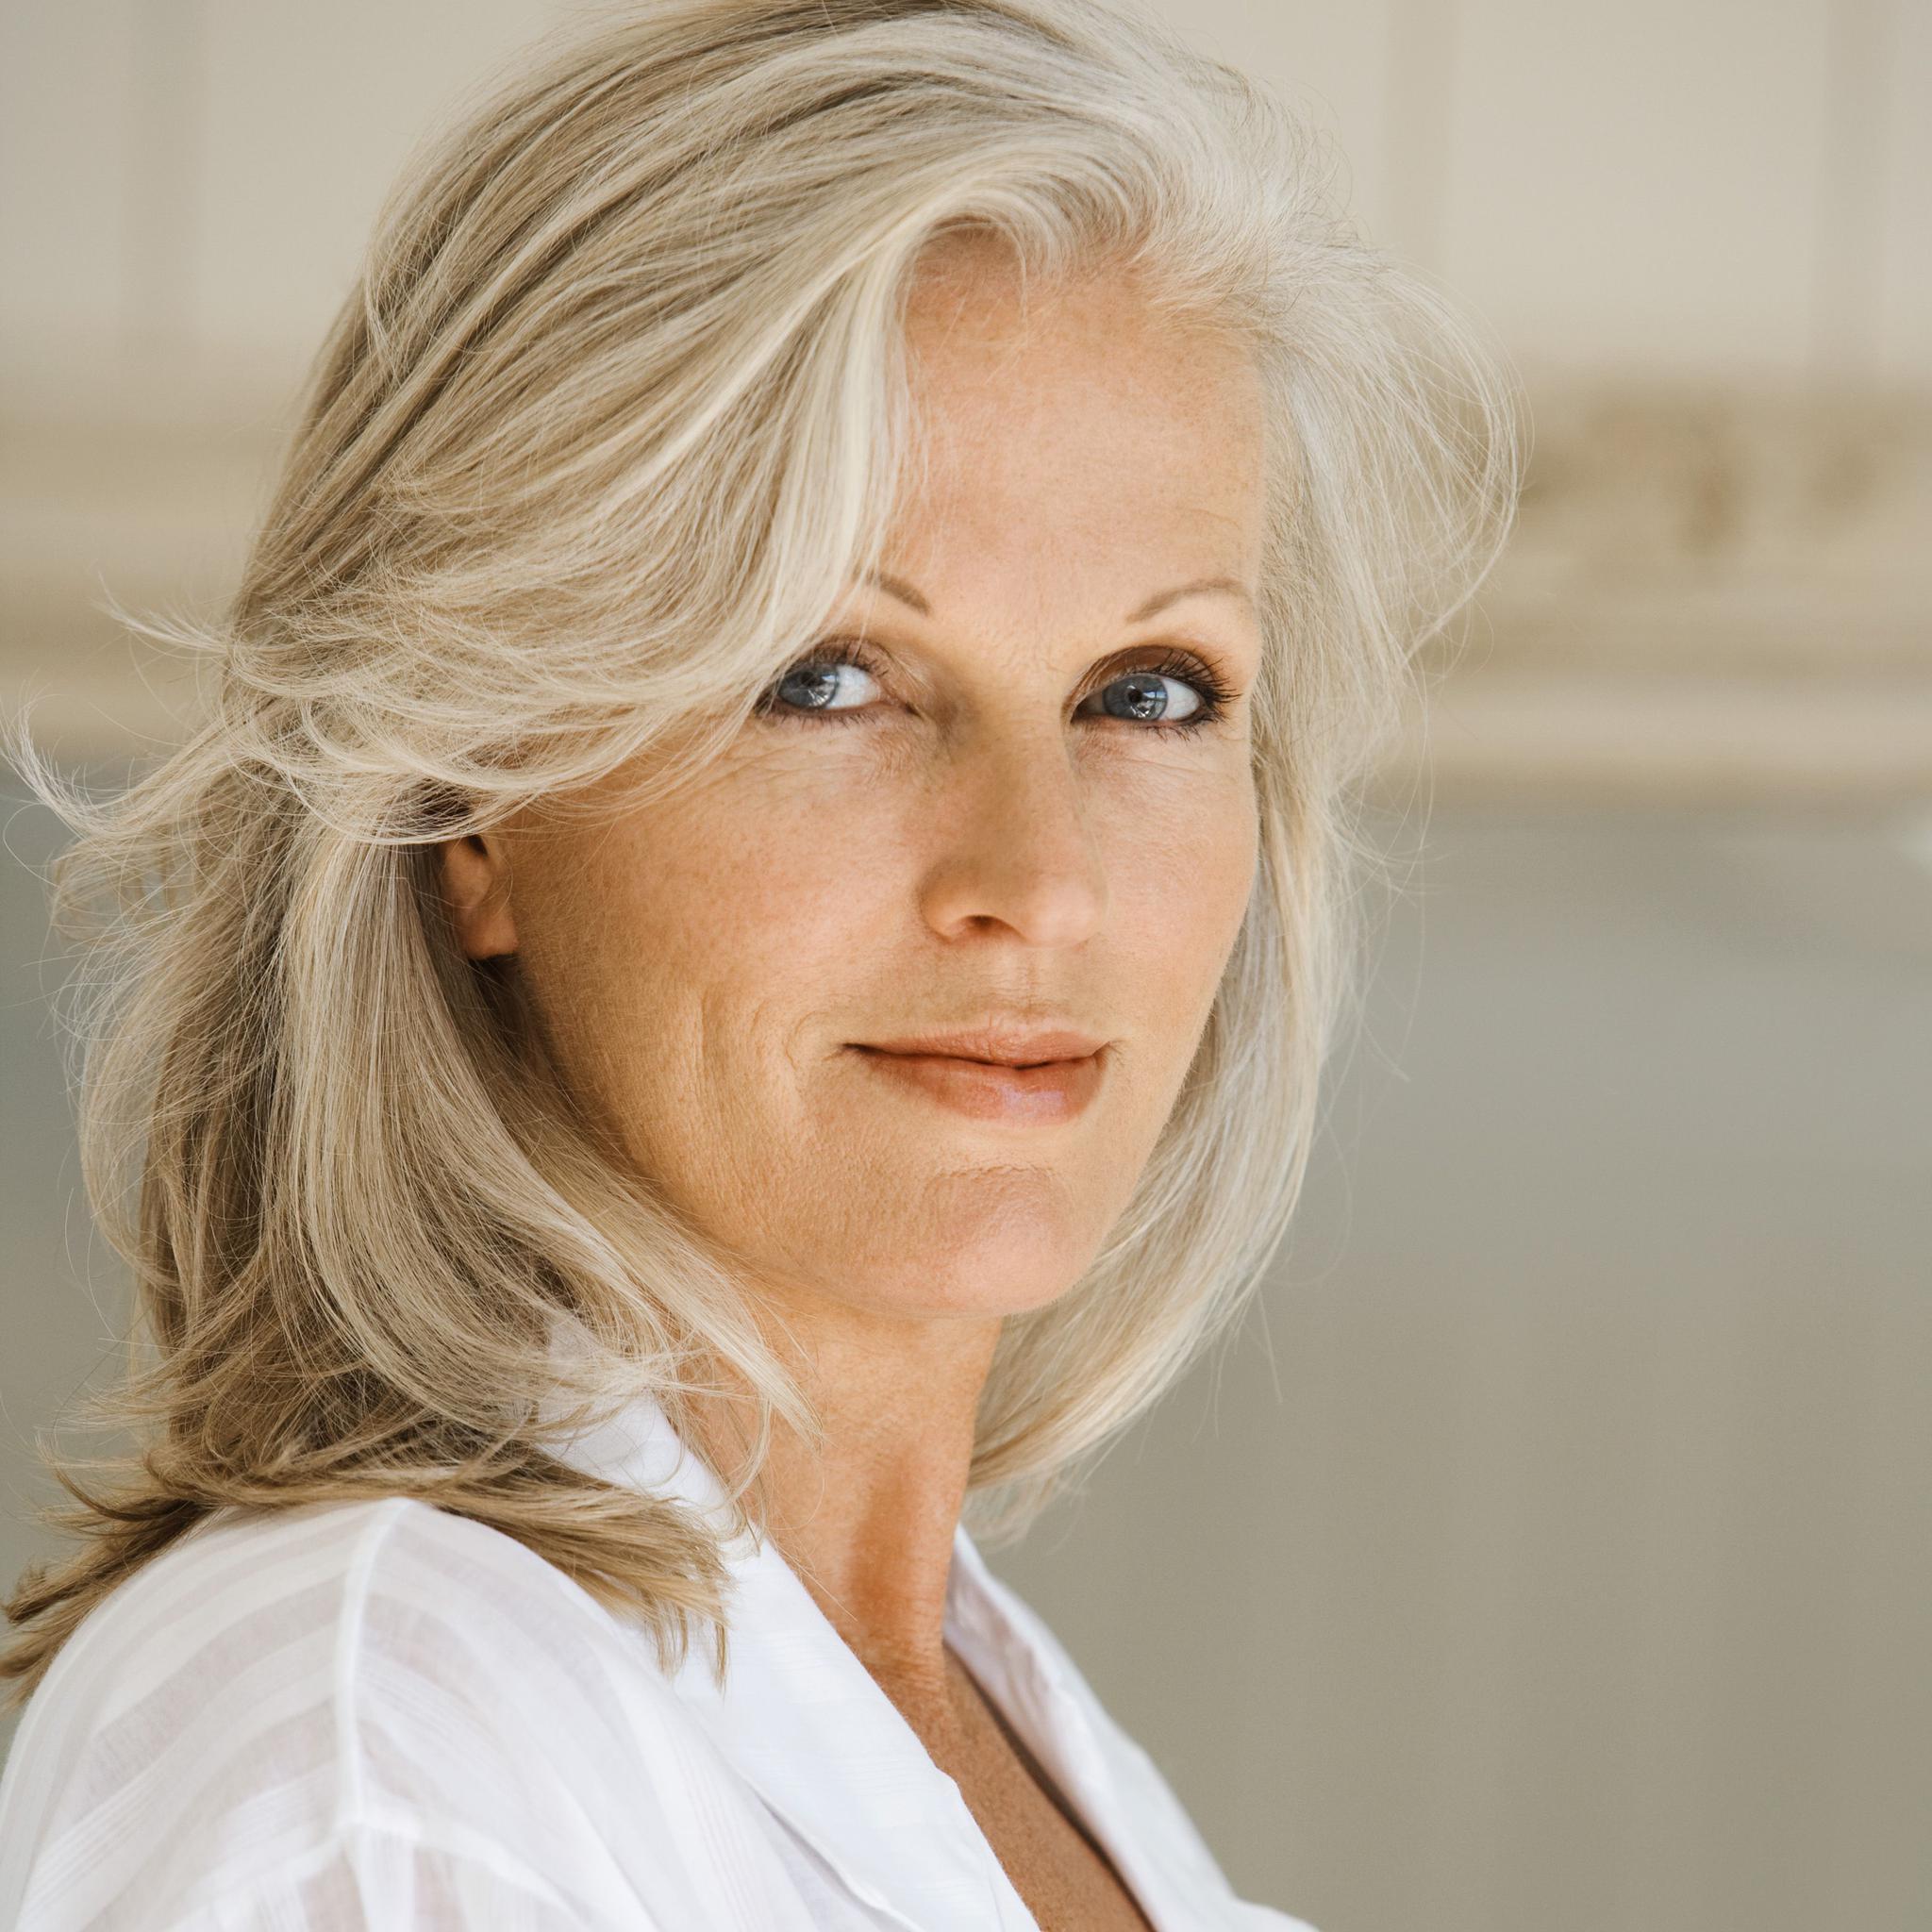 Comment ralentir la pousse de cheveux blancs